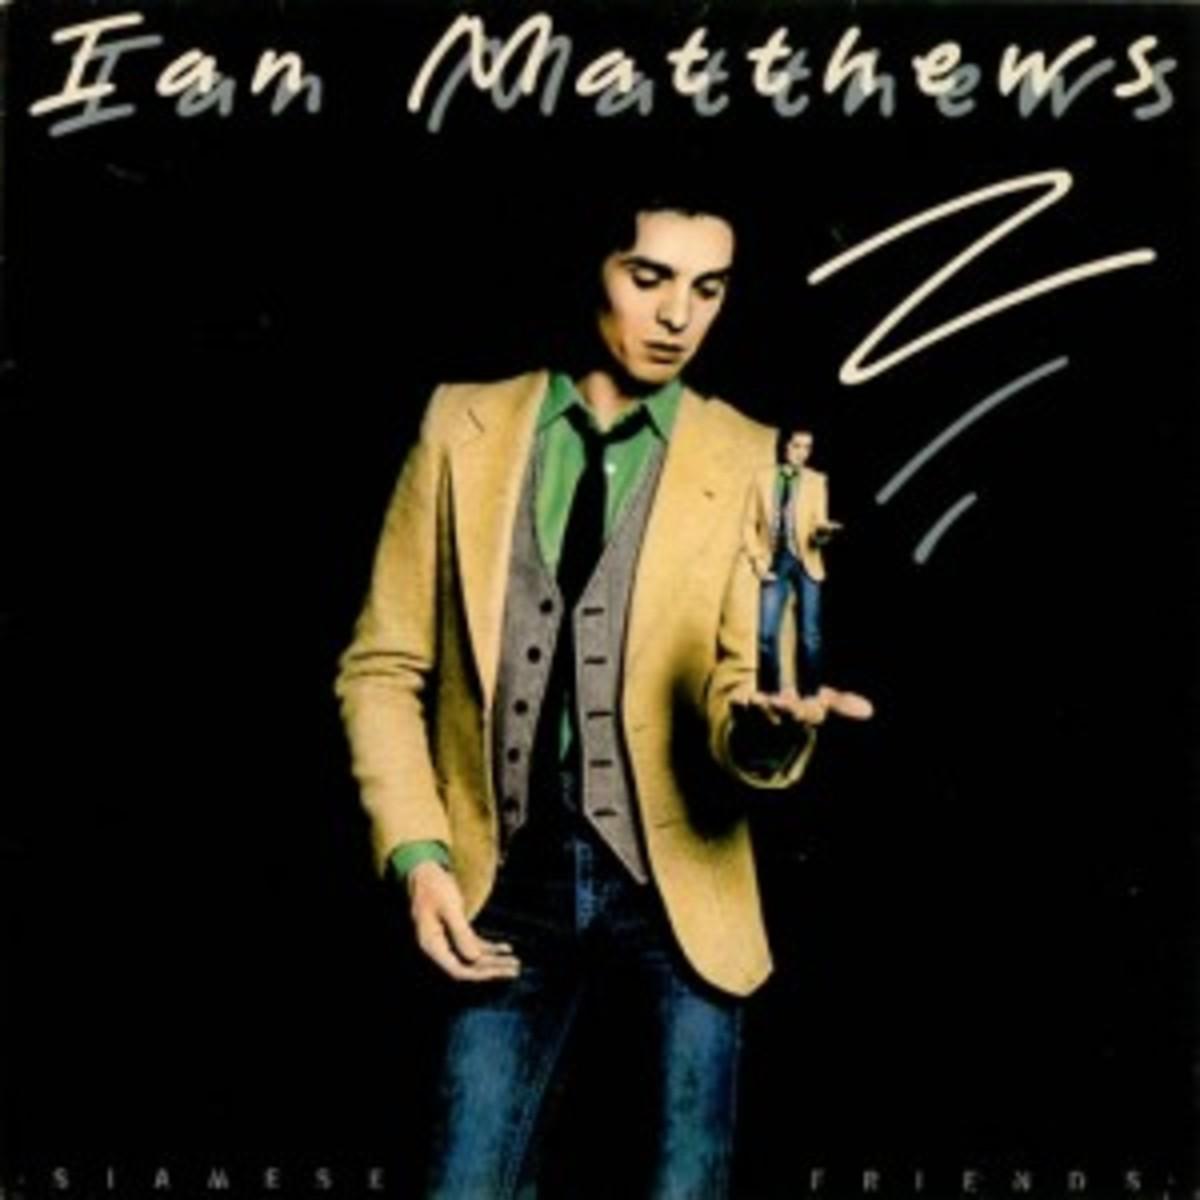 Ian-Matthews-Siamese-Friends-512906